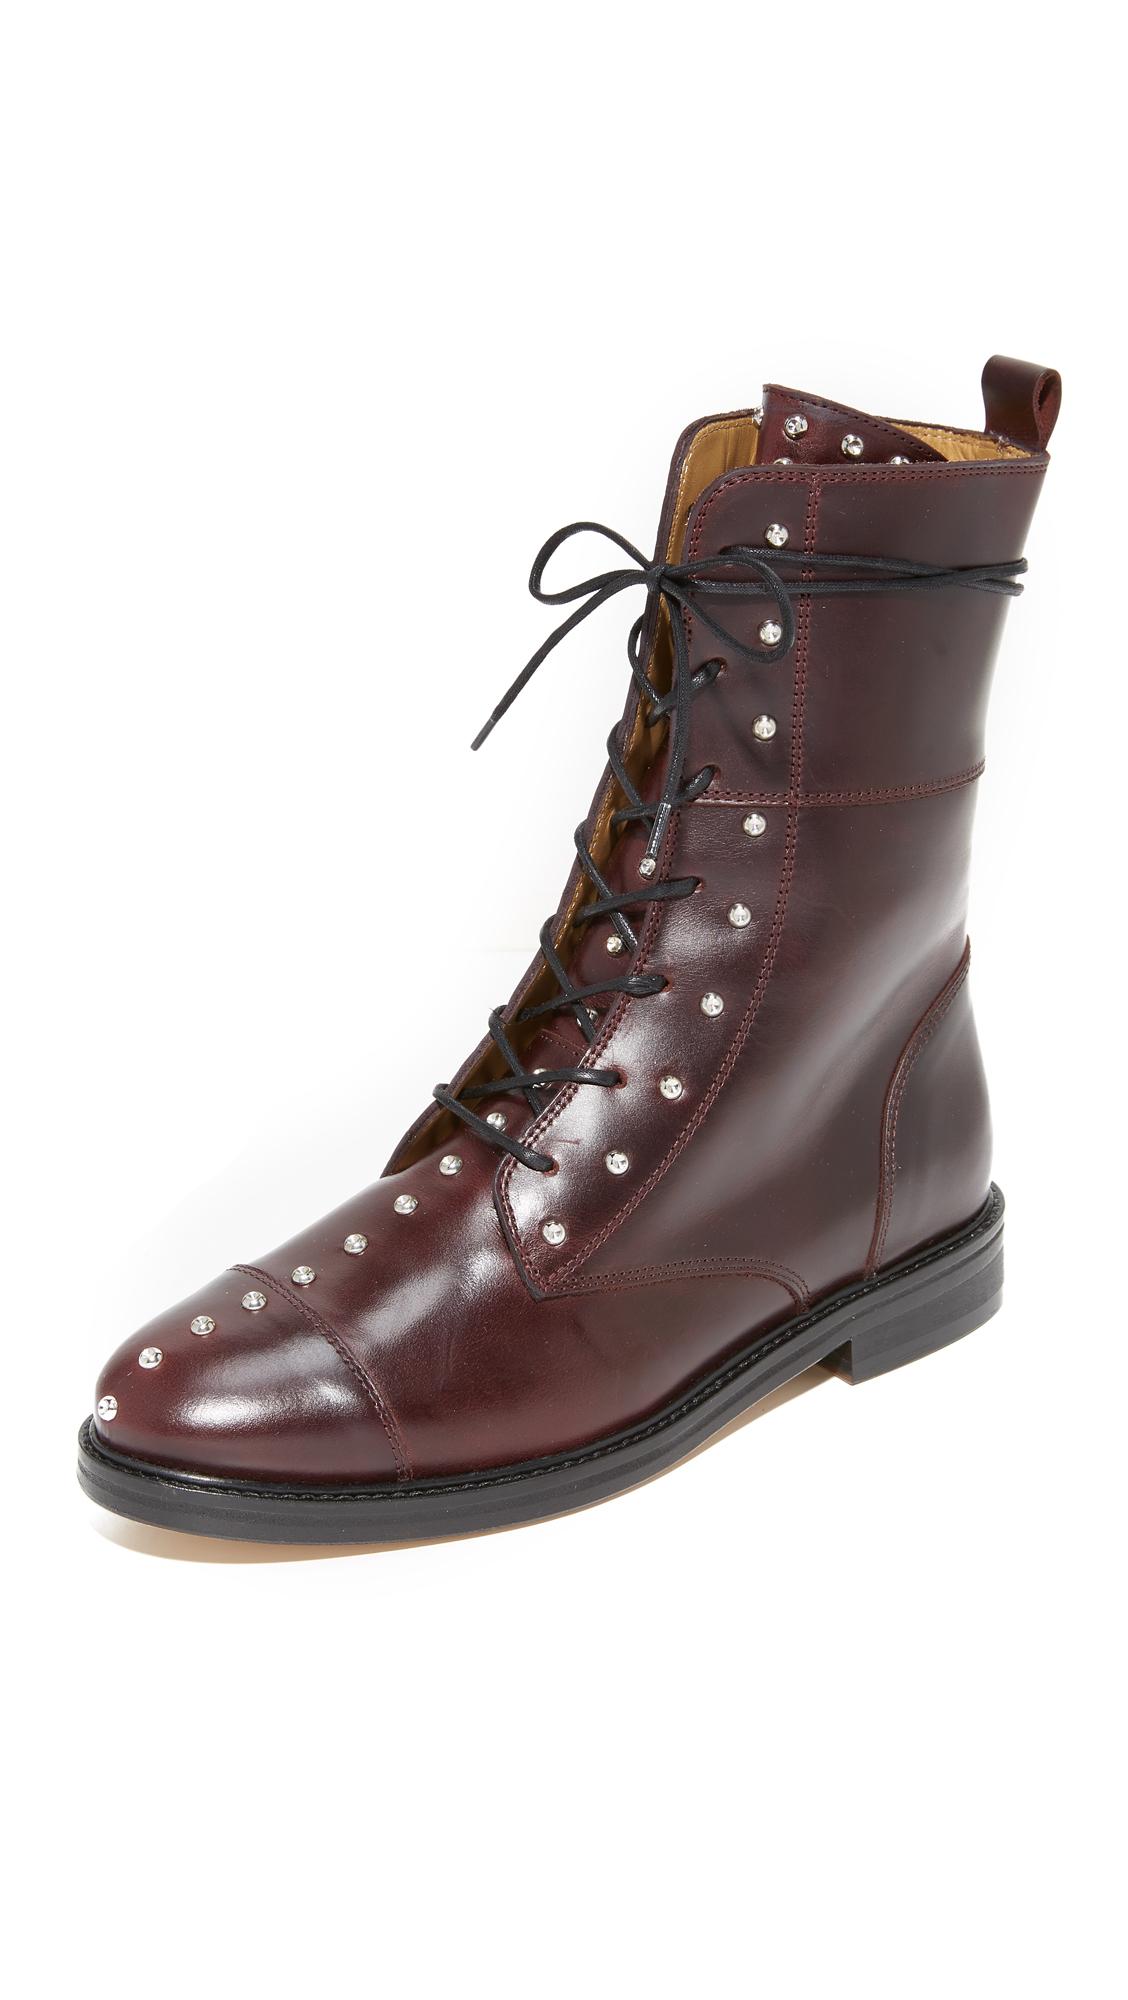 IRO Rangy Military Boots - Burgundy